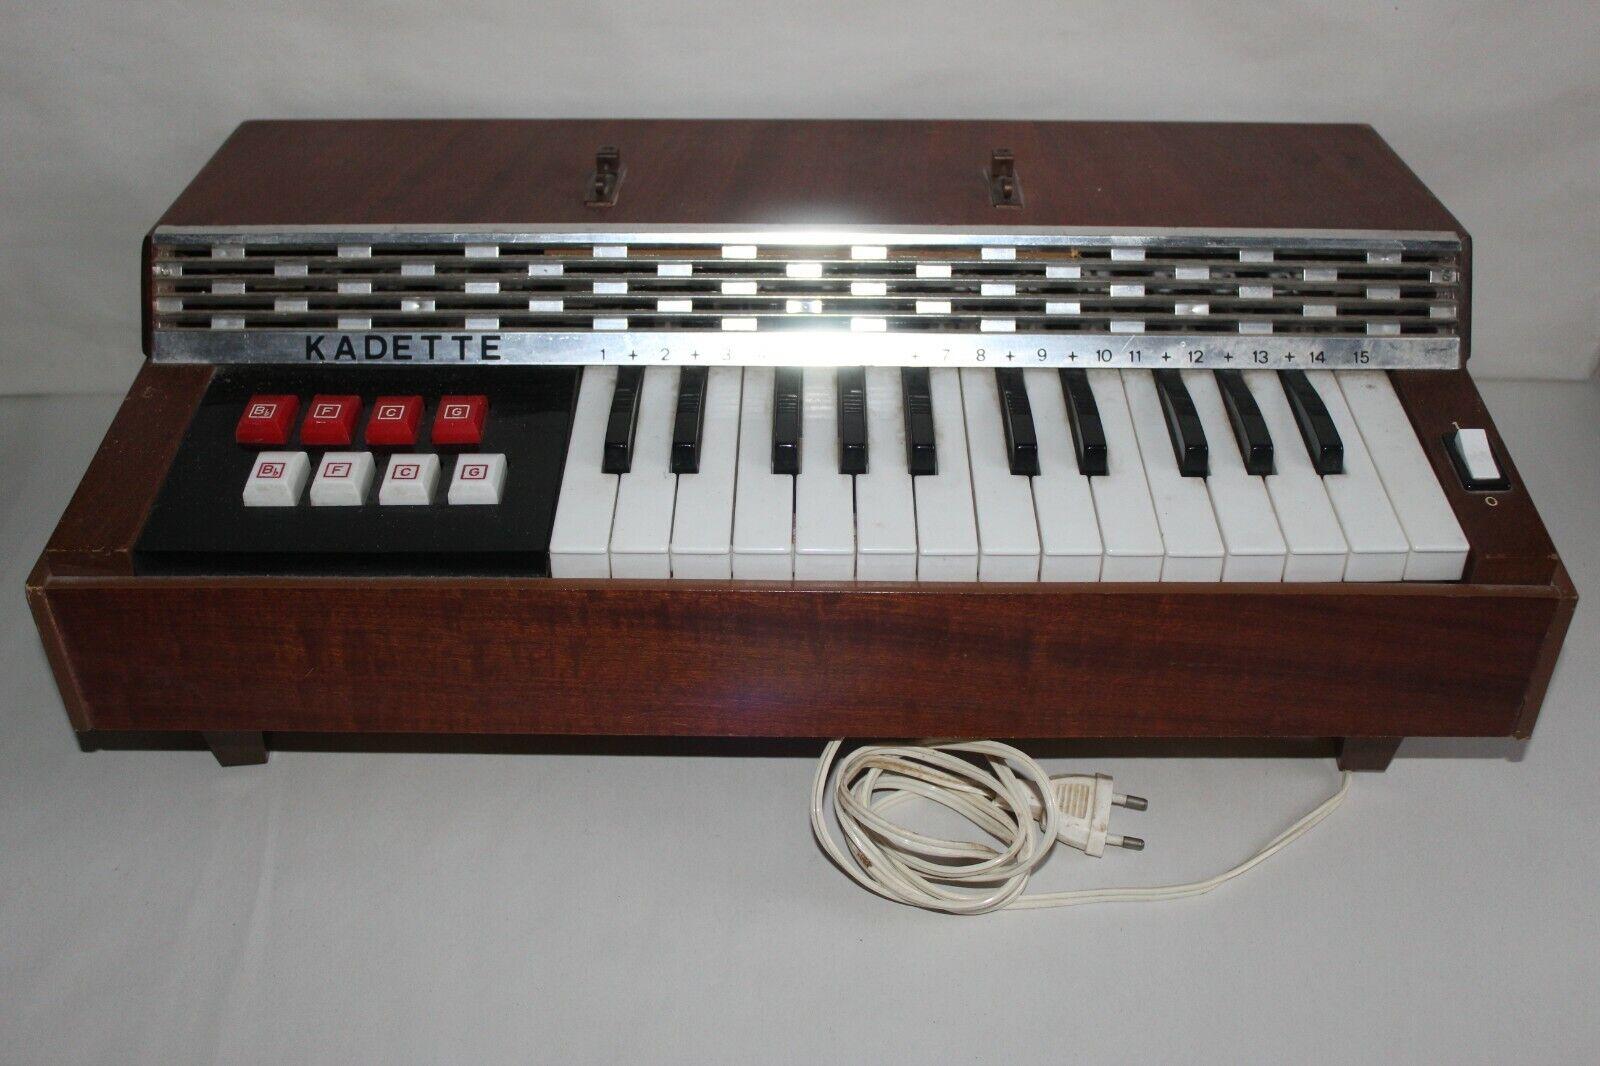 Clavier piano vintage BONTEMPI Kadette parfait état de fonctionnement